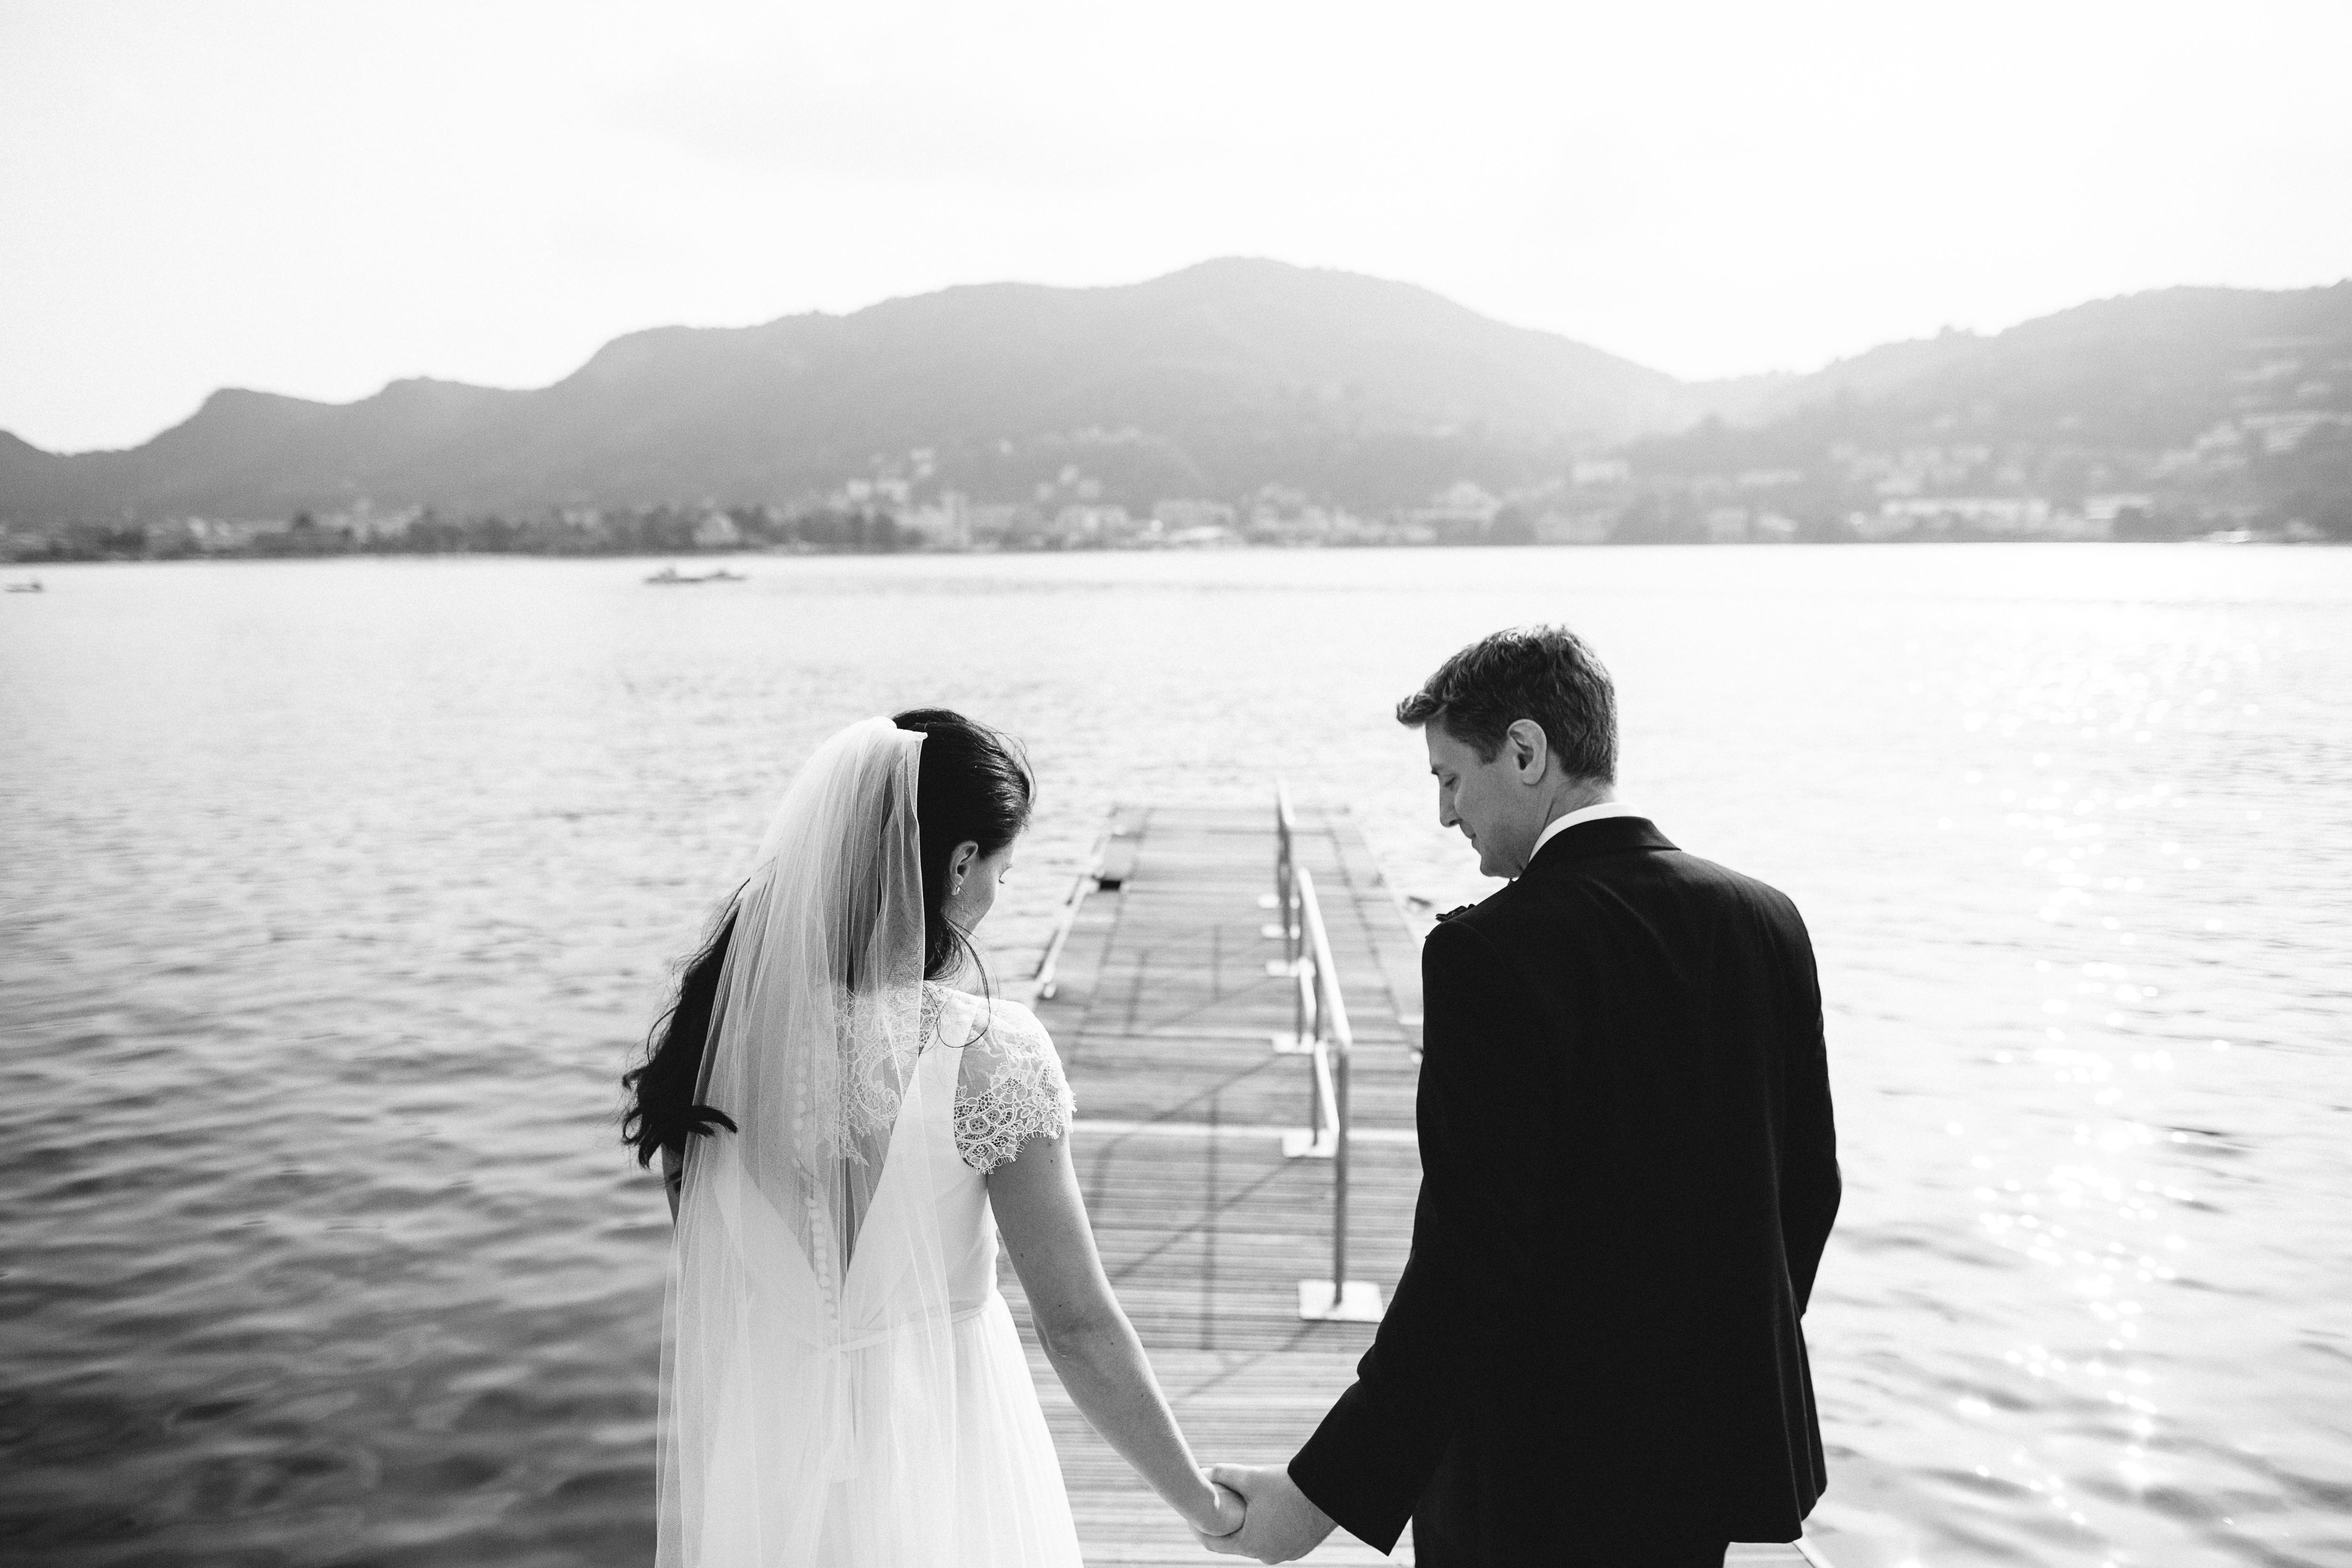 Bride & Groom photo Ceremony in Lake Como by Italian Wedding Designer